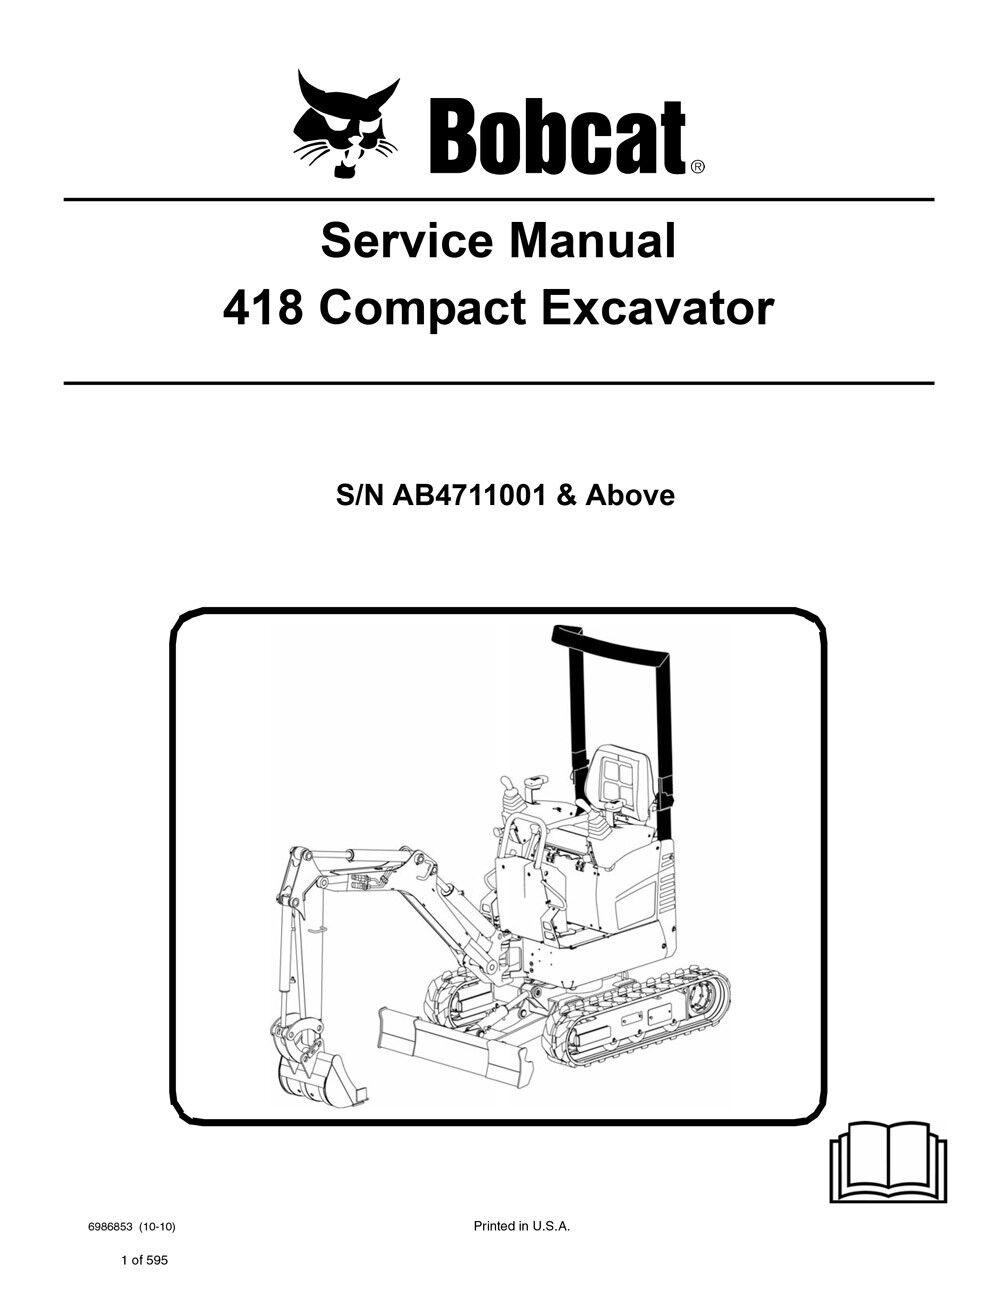 Bobcat 418 Compact Excavator Repair Service Manual 590 Pgs 2010 Rev 6986853    eBay